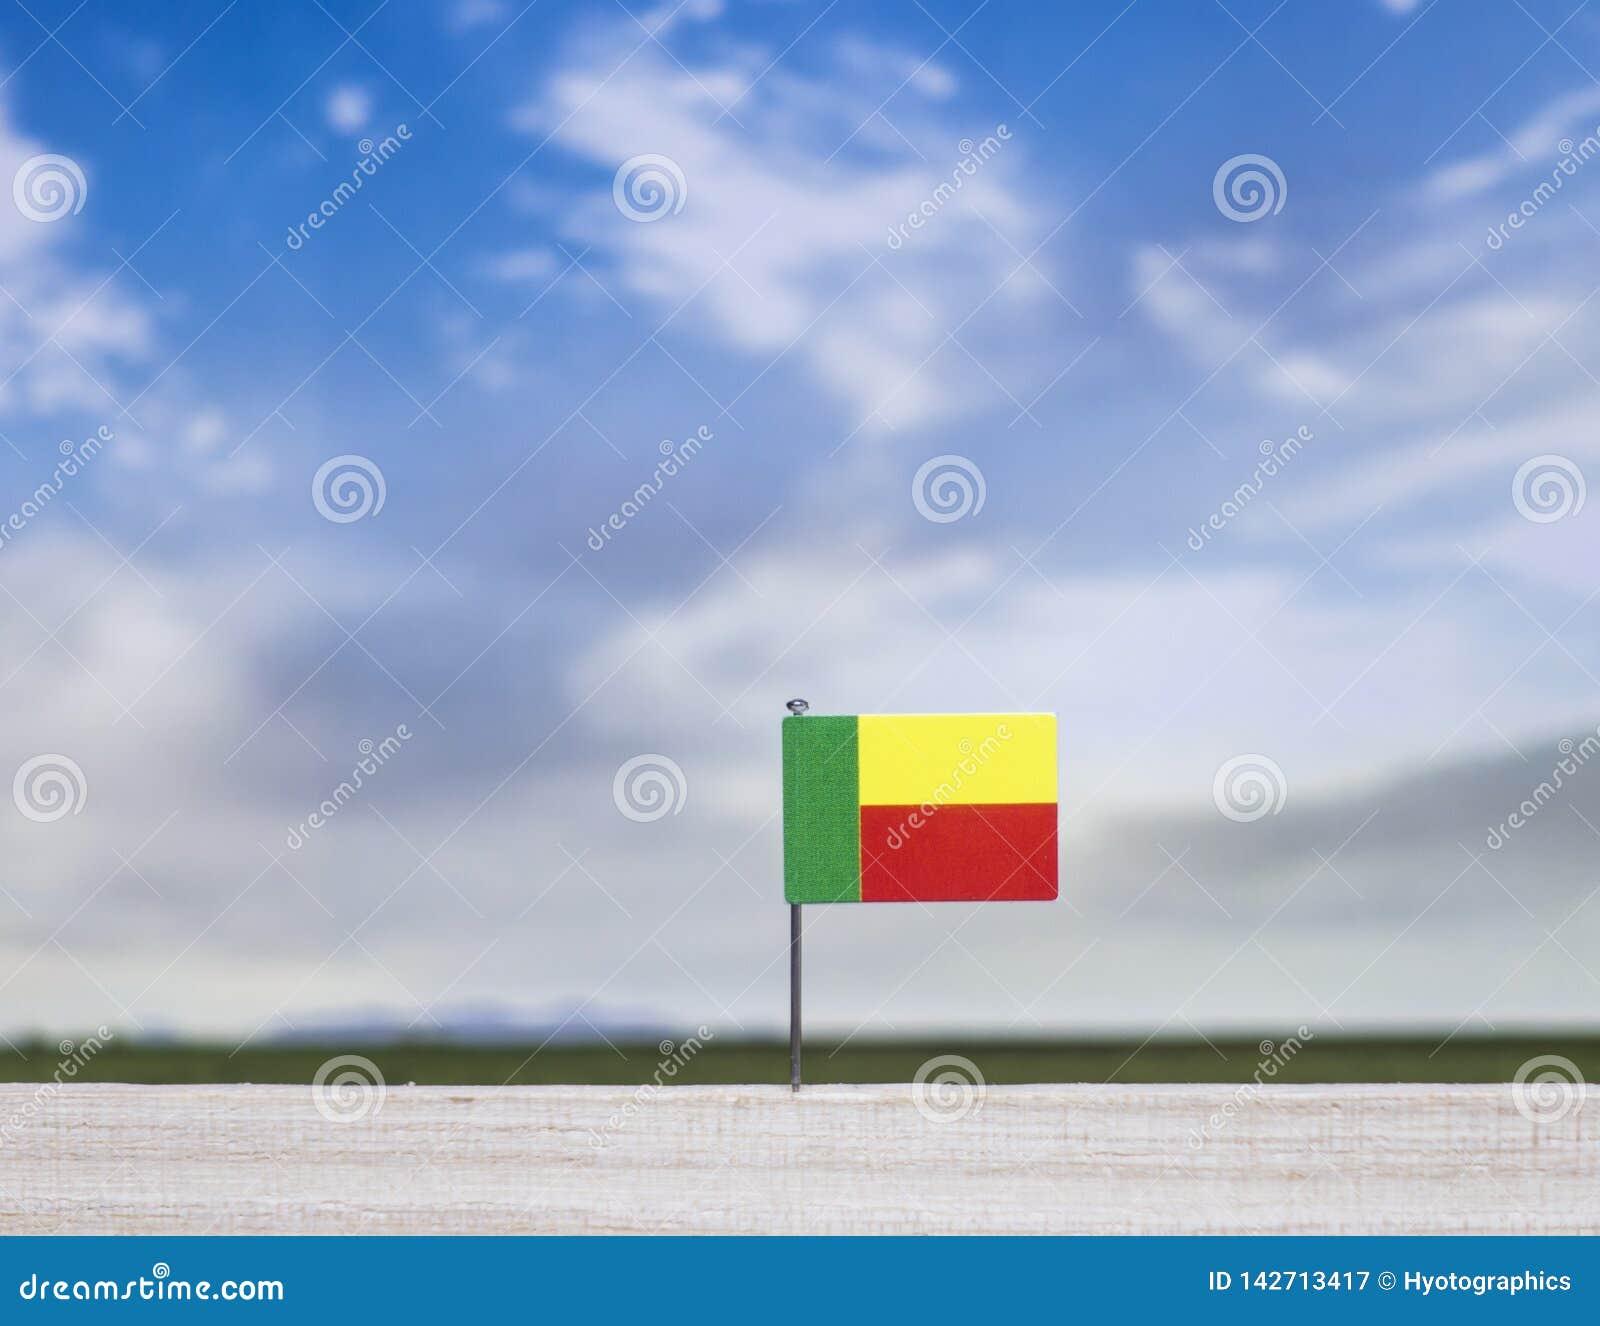 Vlag van Benin met enorme weide en blauwe hemel achter het